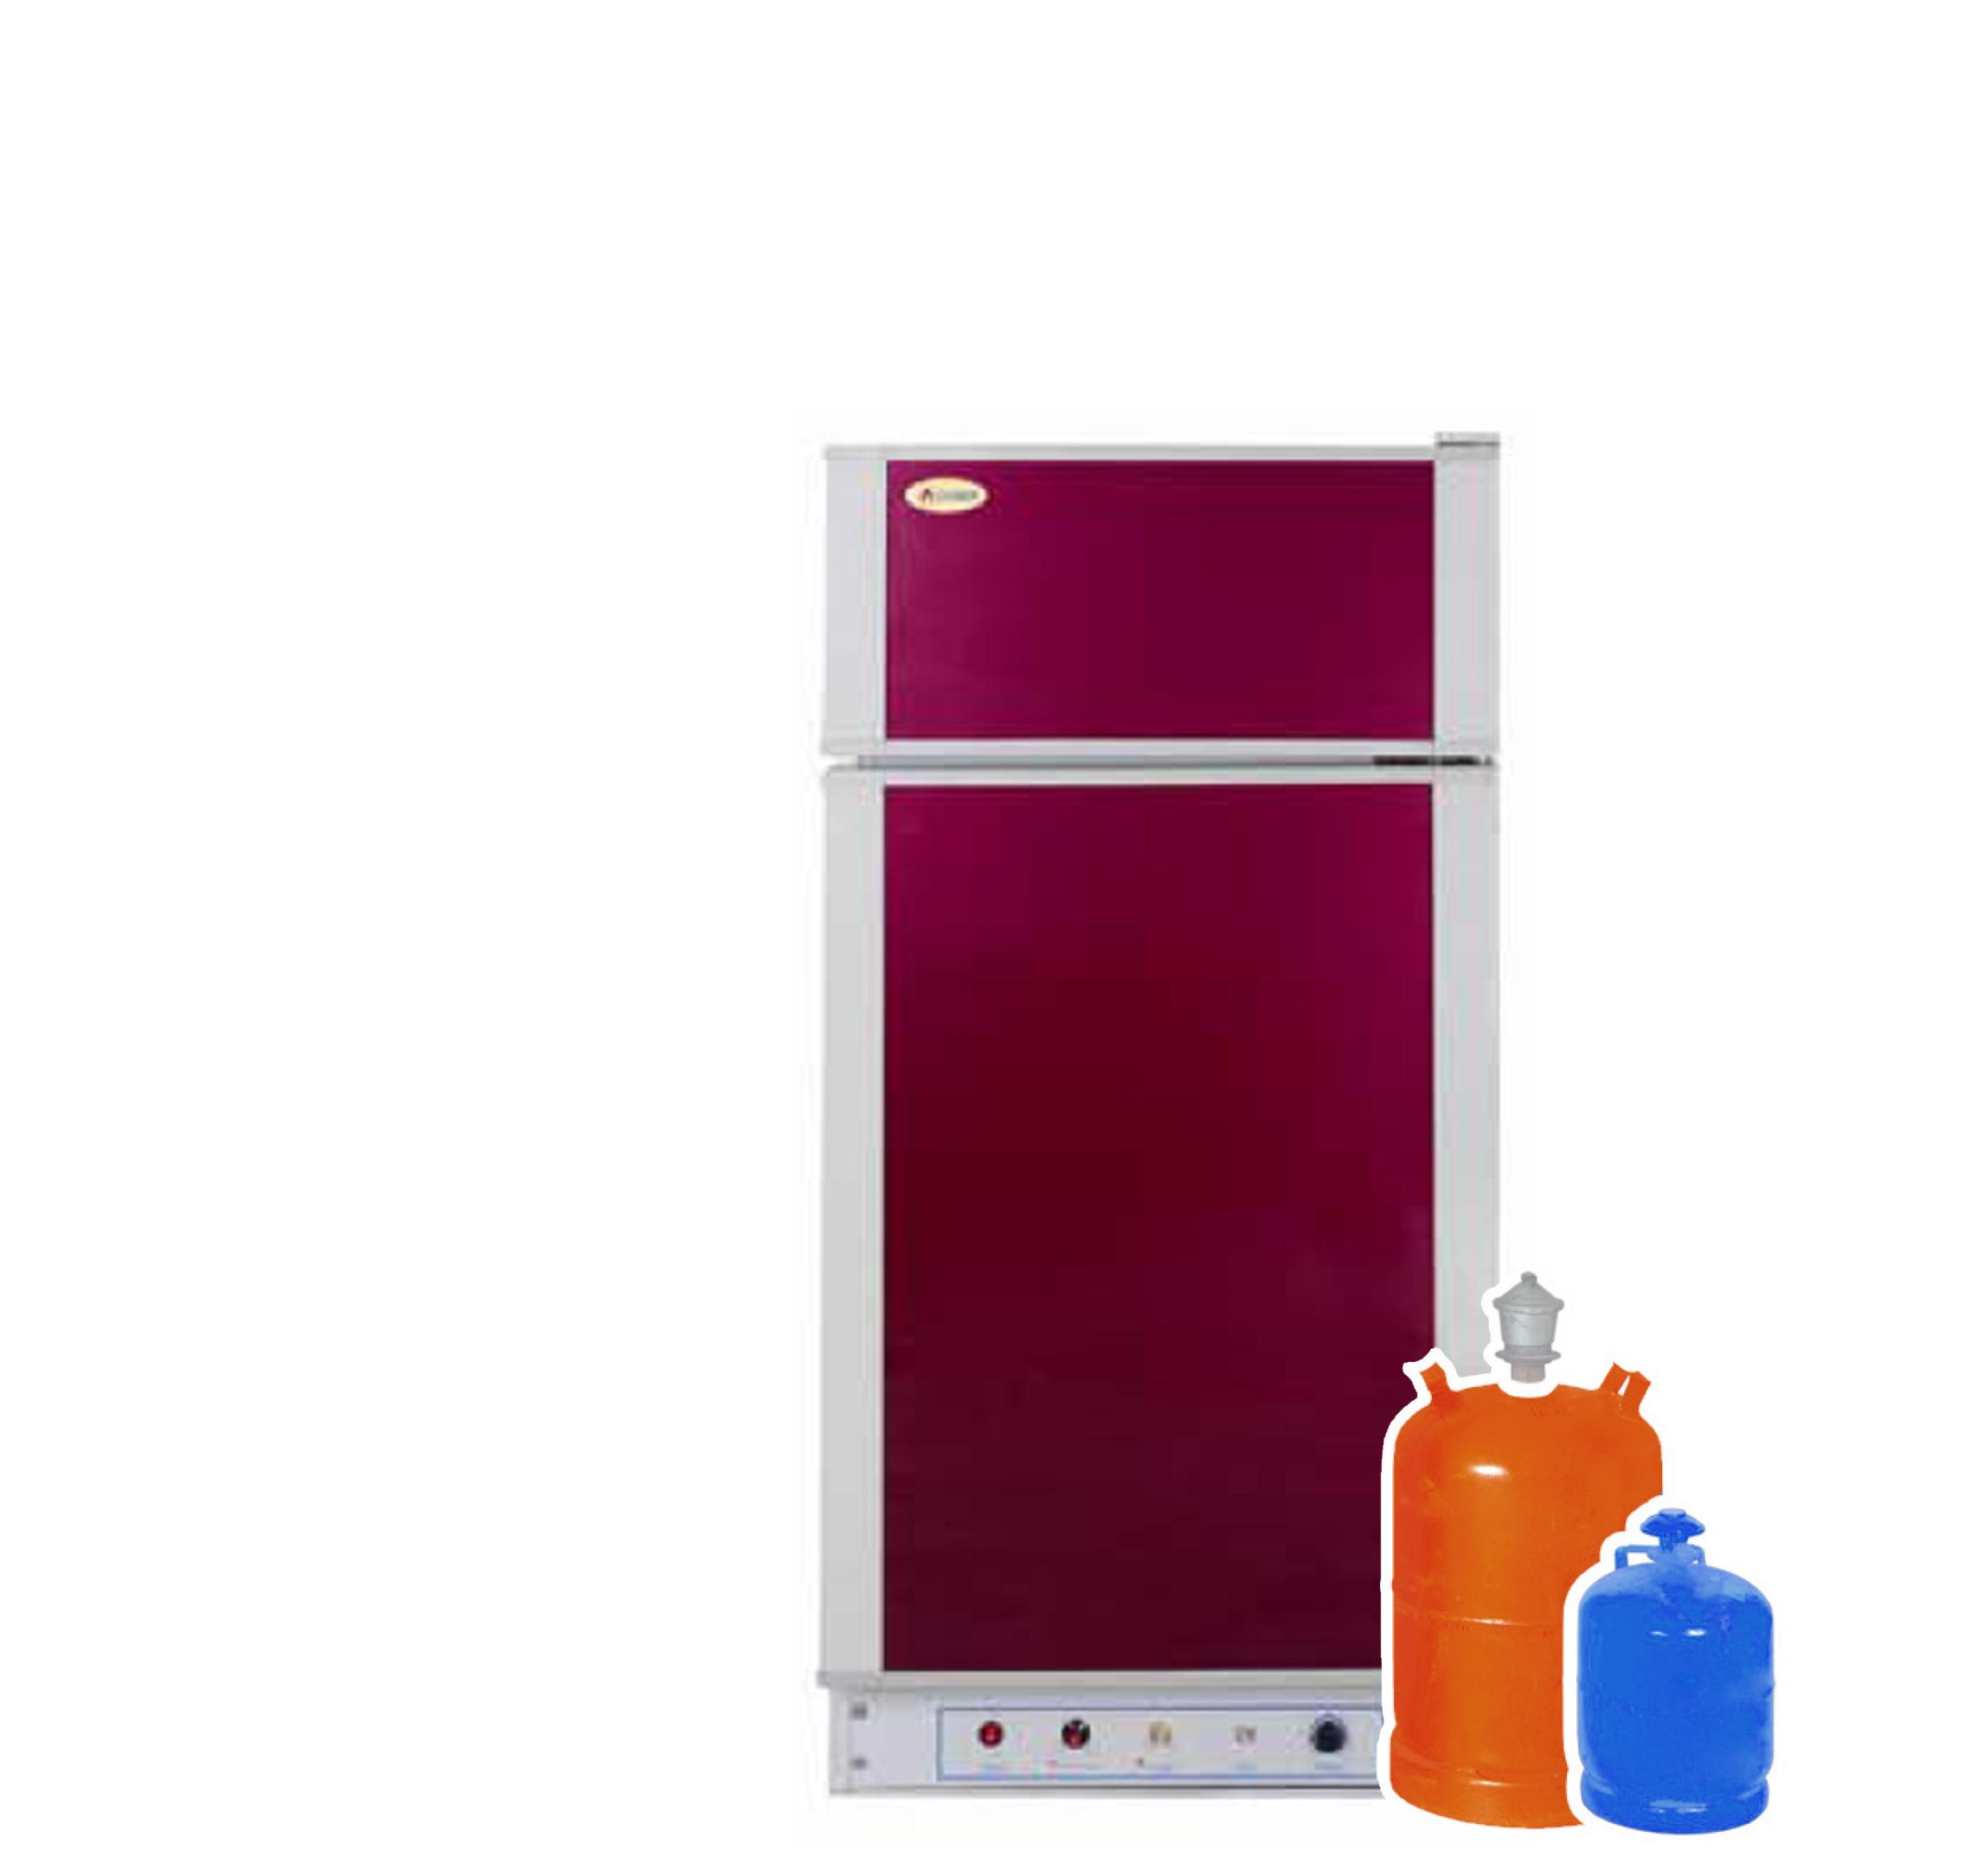 FRIGORIFICO GAS BUTANO XCD183 ----- AGOTADO ---